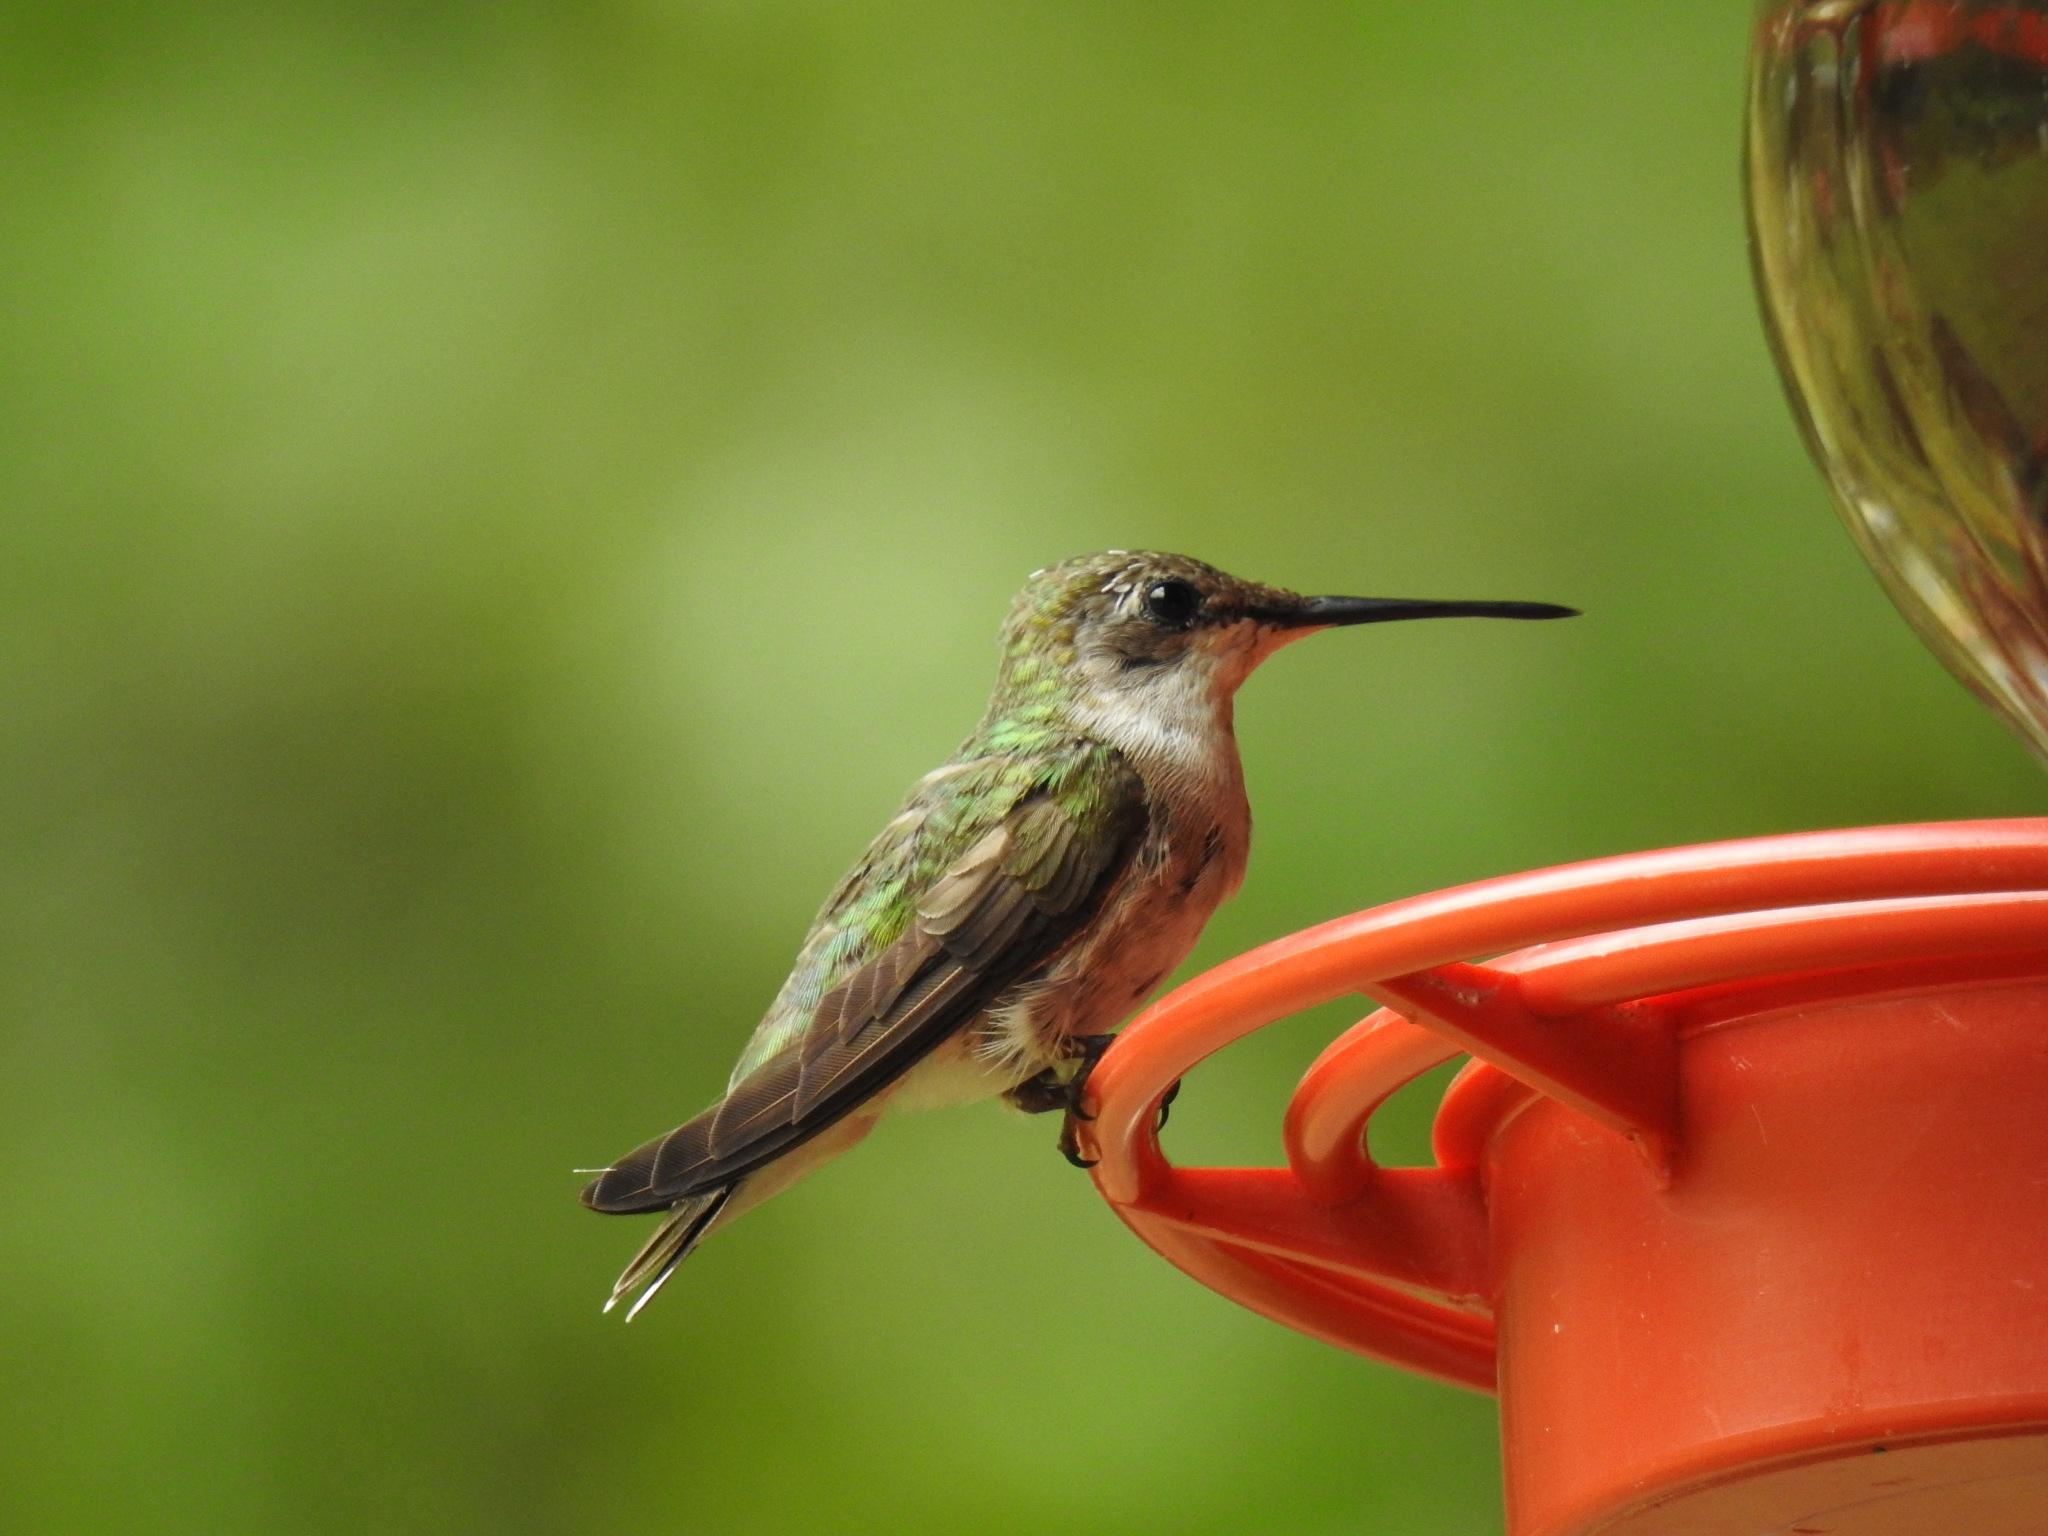 Humming bird by KarenBranch